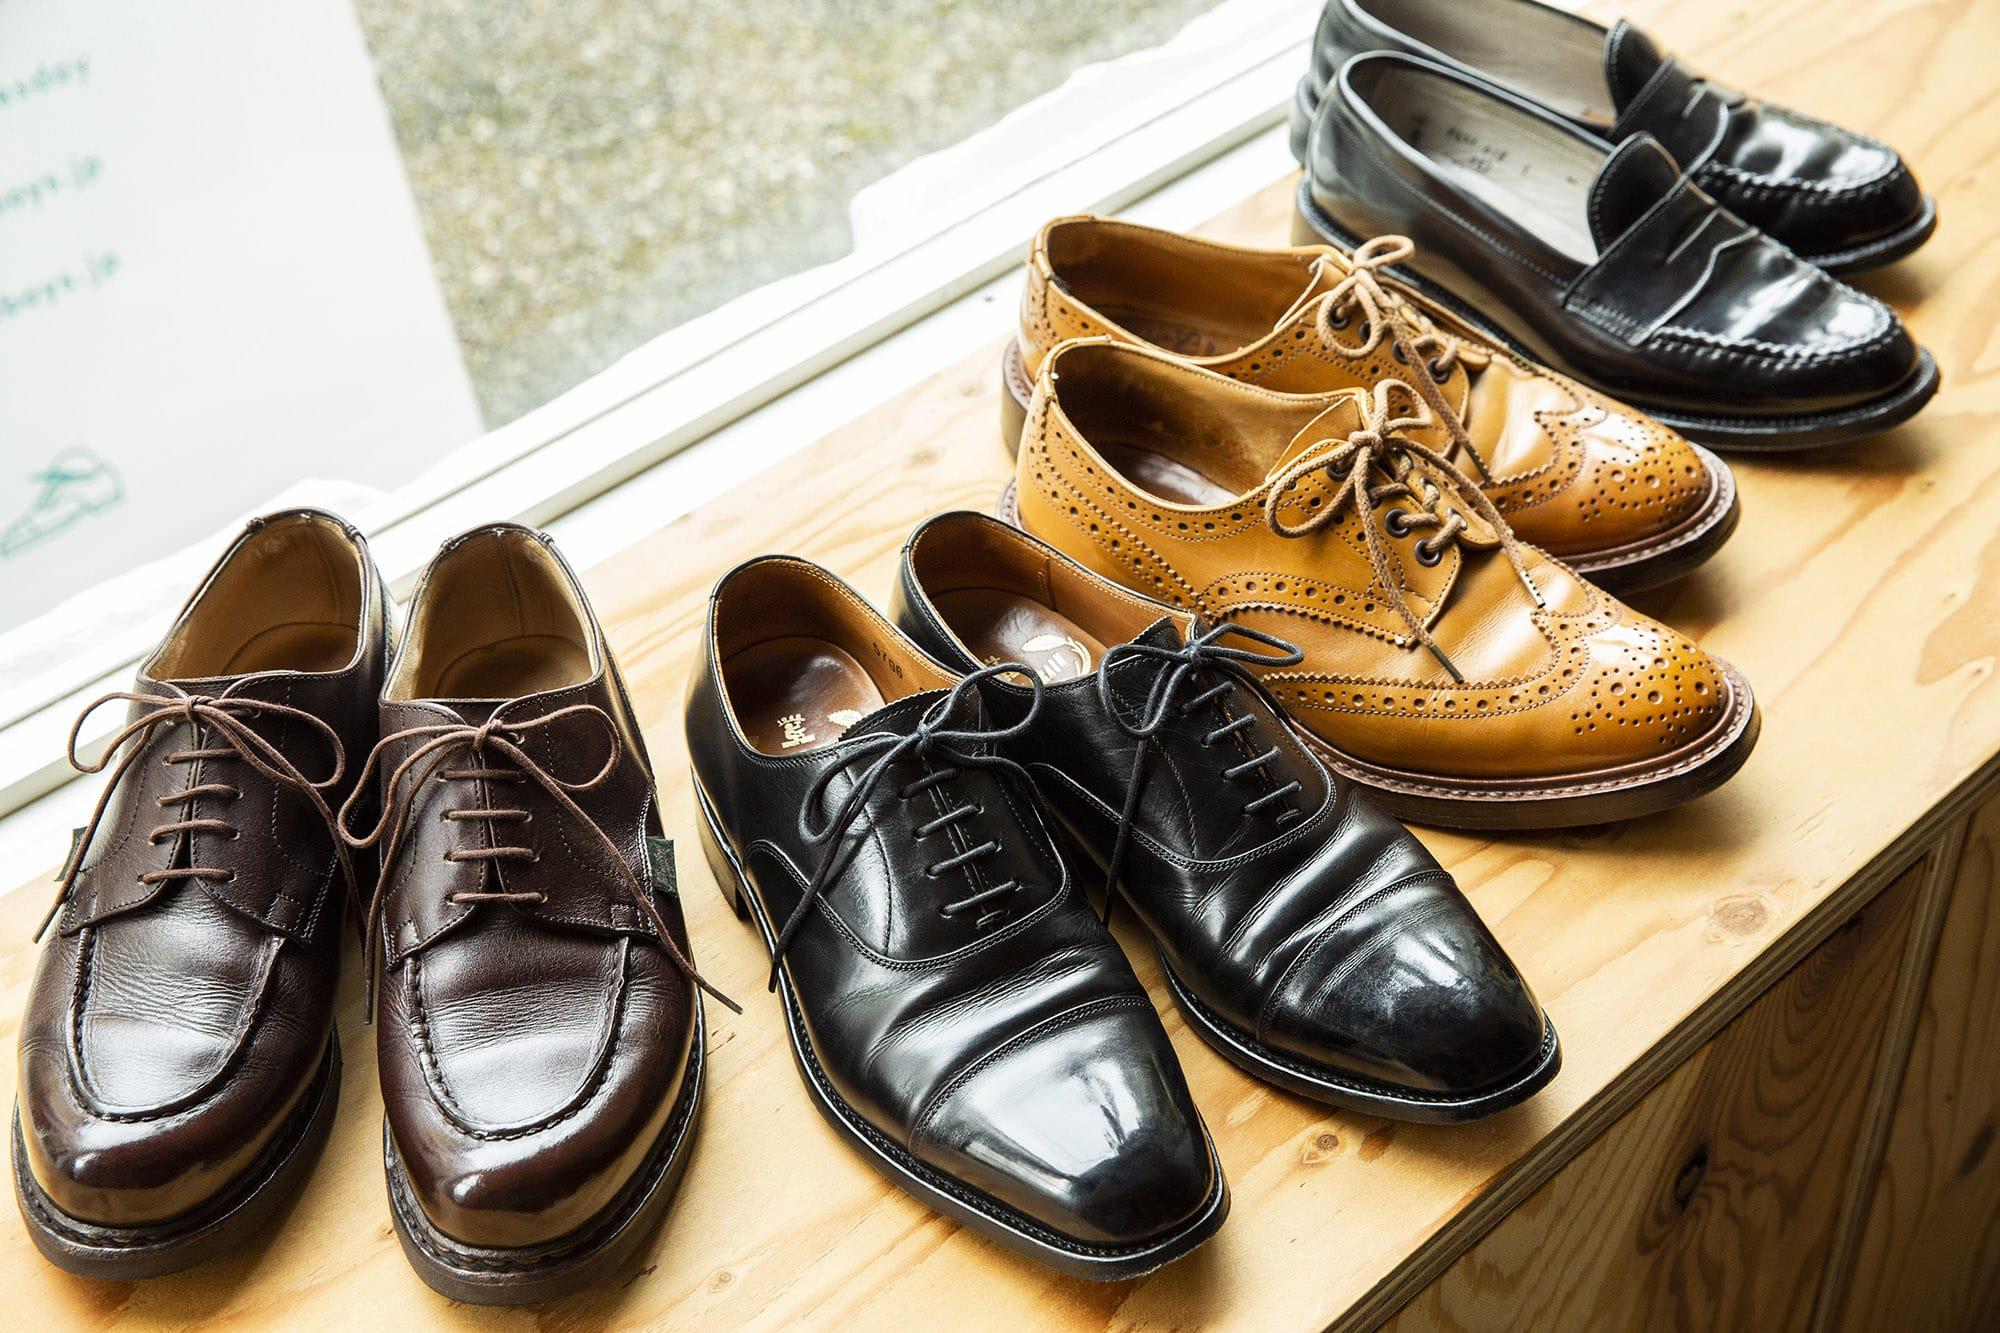 靴磨き芸人 奥野 奏さんの革靴遍歴